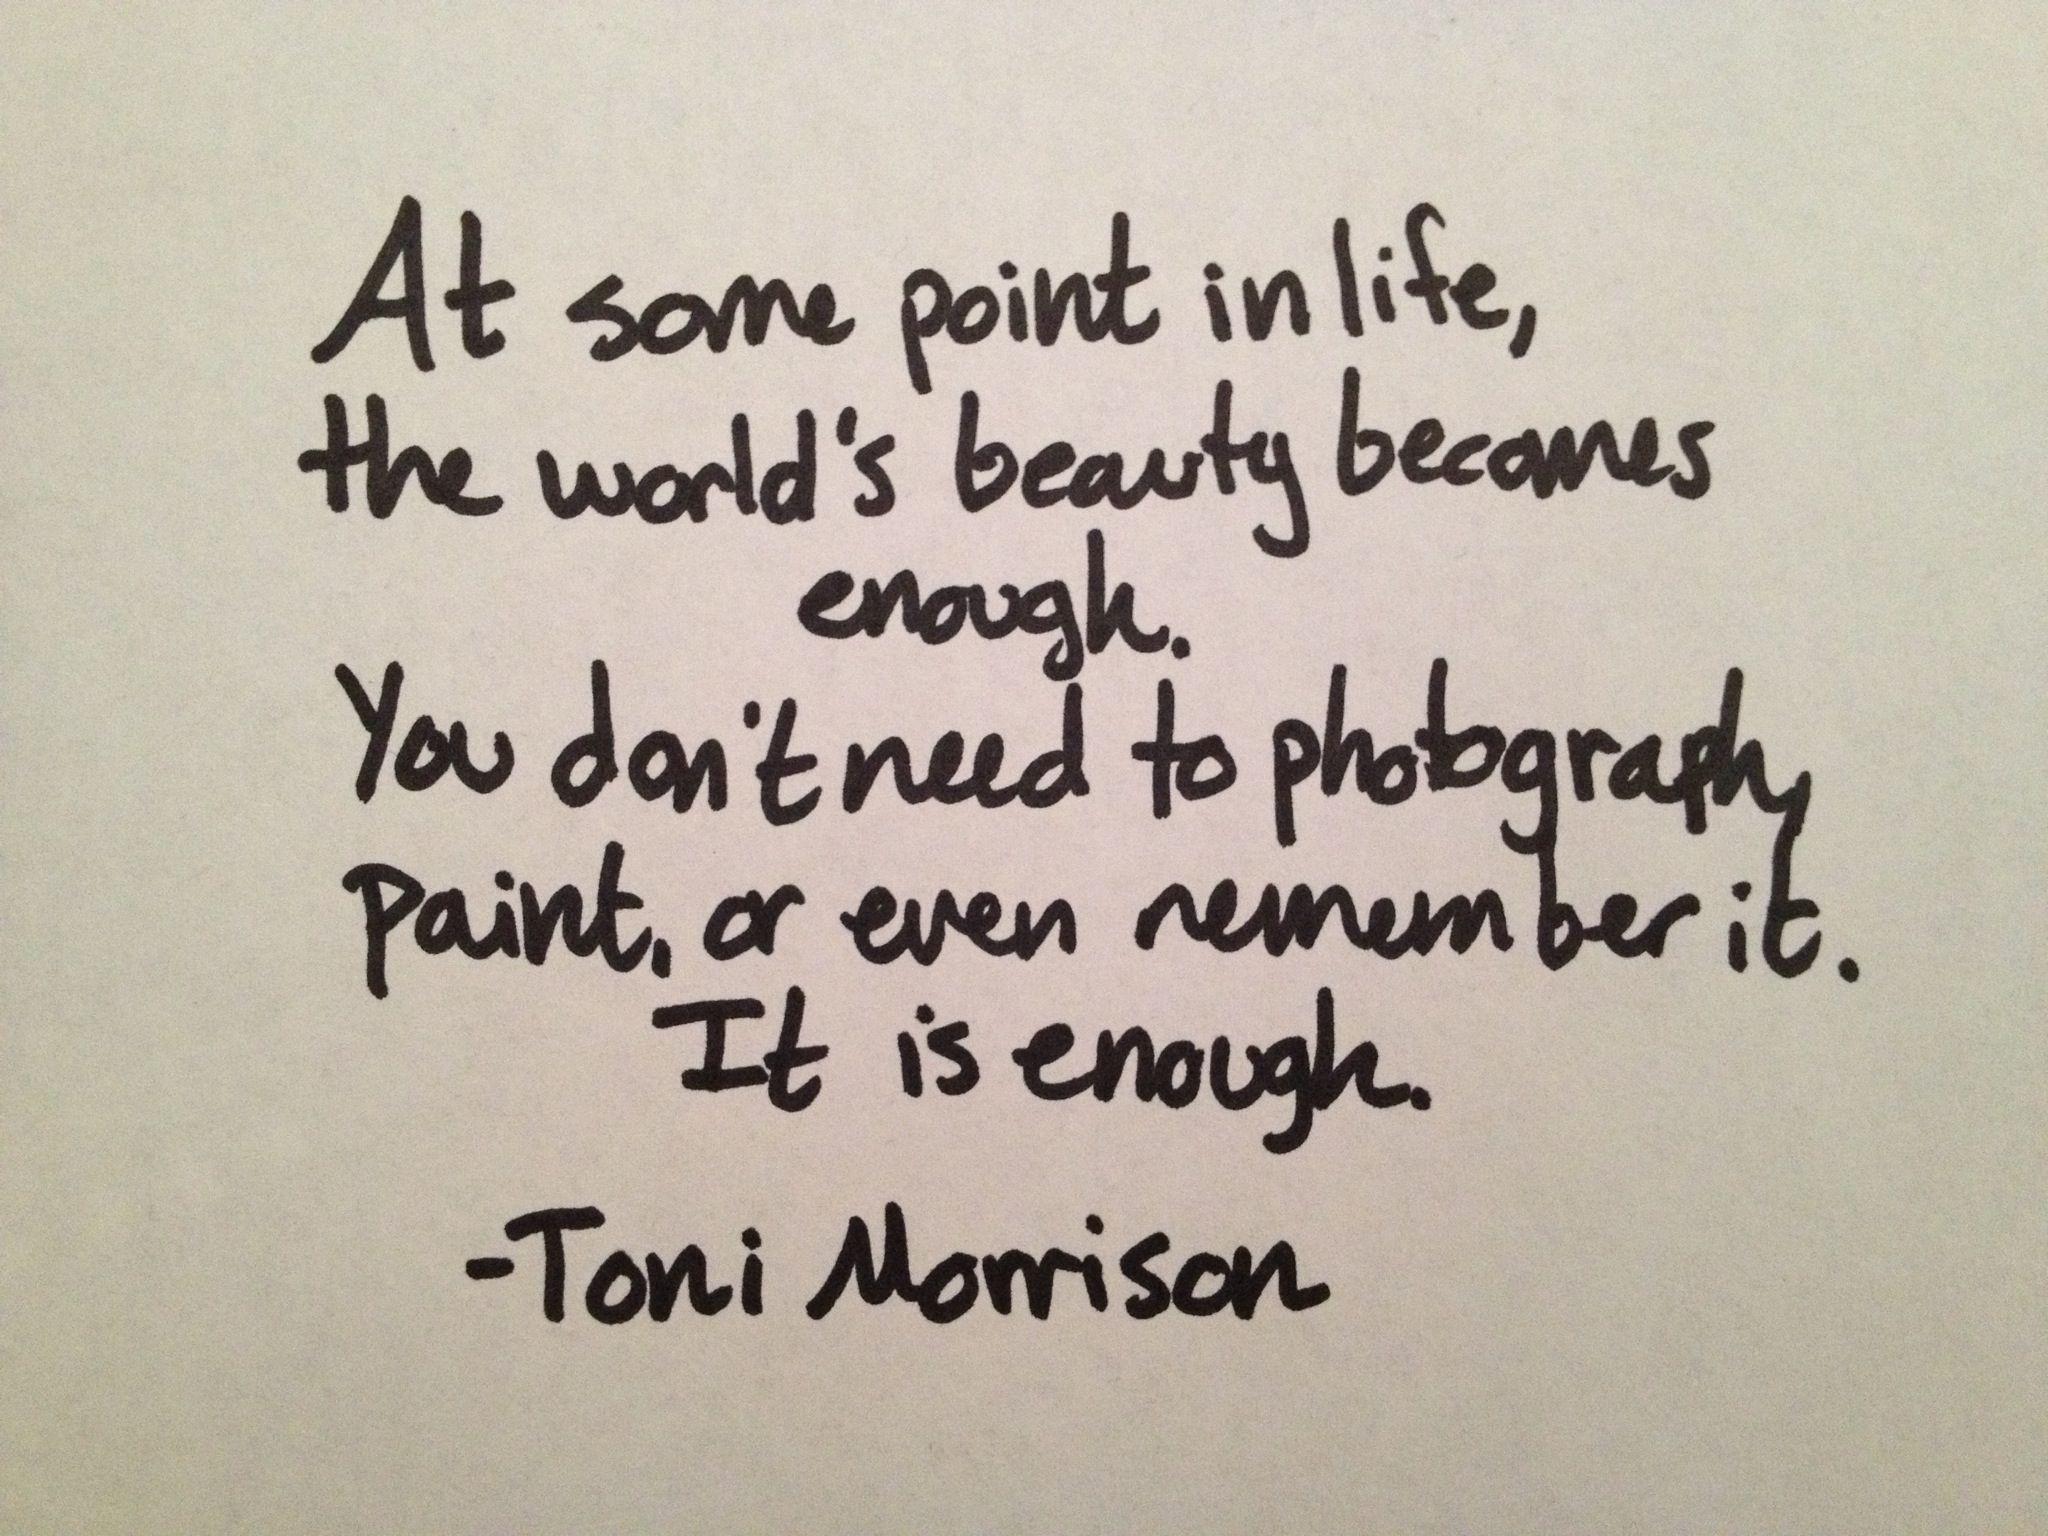 Toni Morrison Quotes Interesting Quotes Toni Morrison  Quotes  Pinterest  Toni Morrison Thoughts .